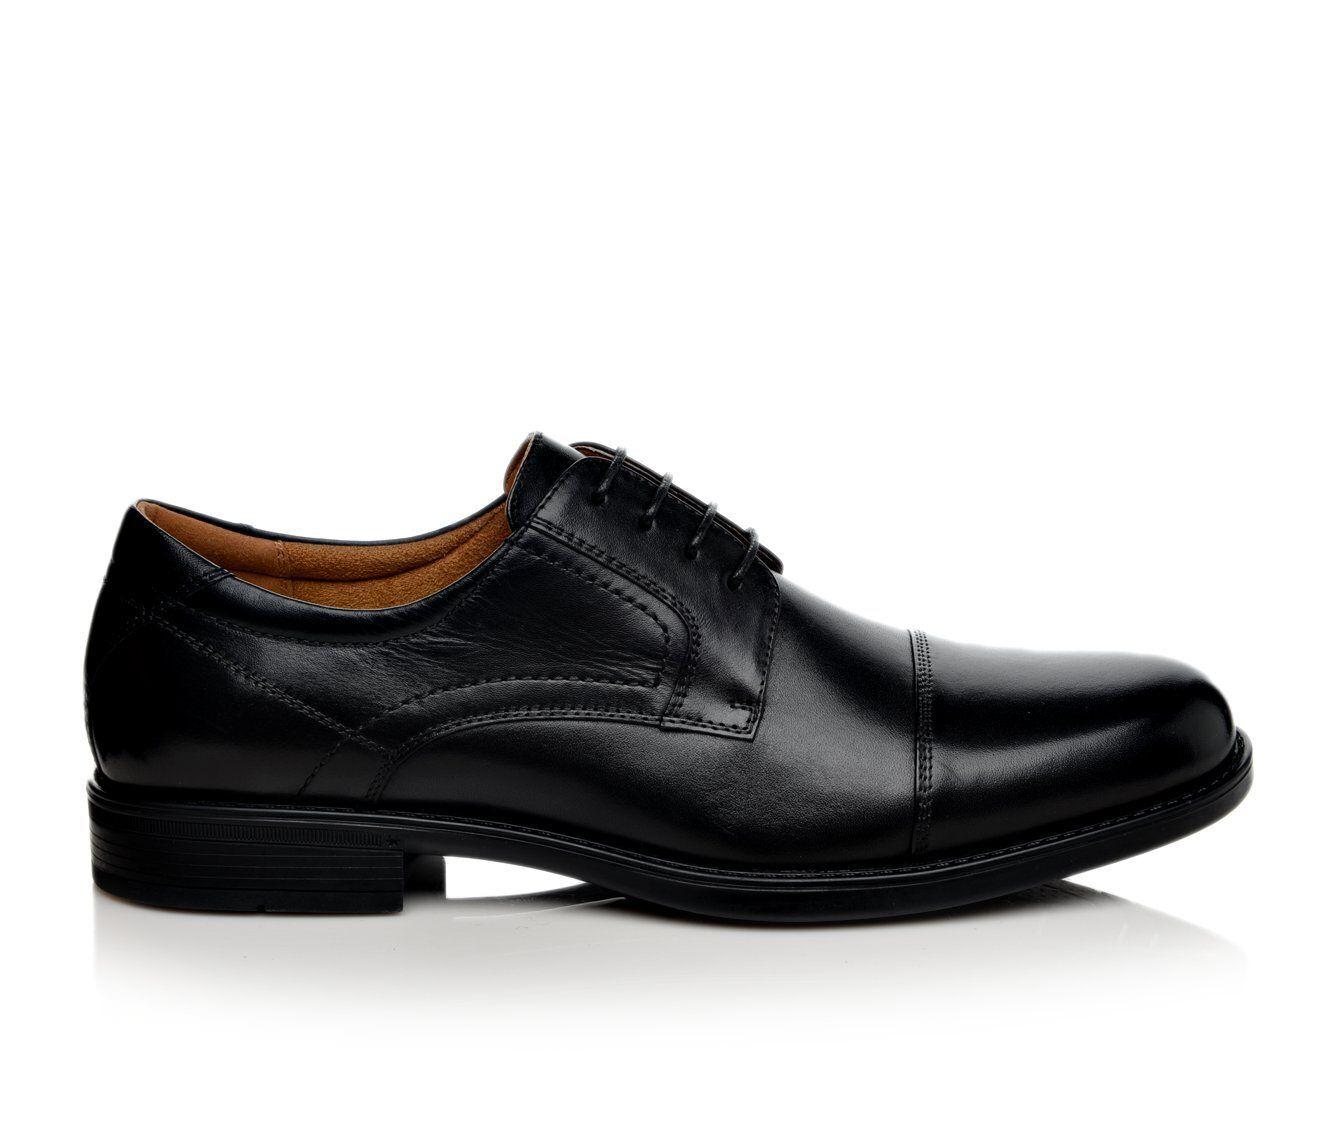 Men's Florsheim Midtown Cap Toe Oxford Dress Shoes Black